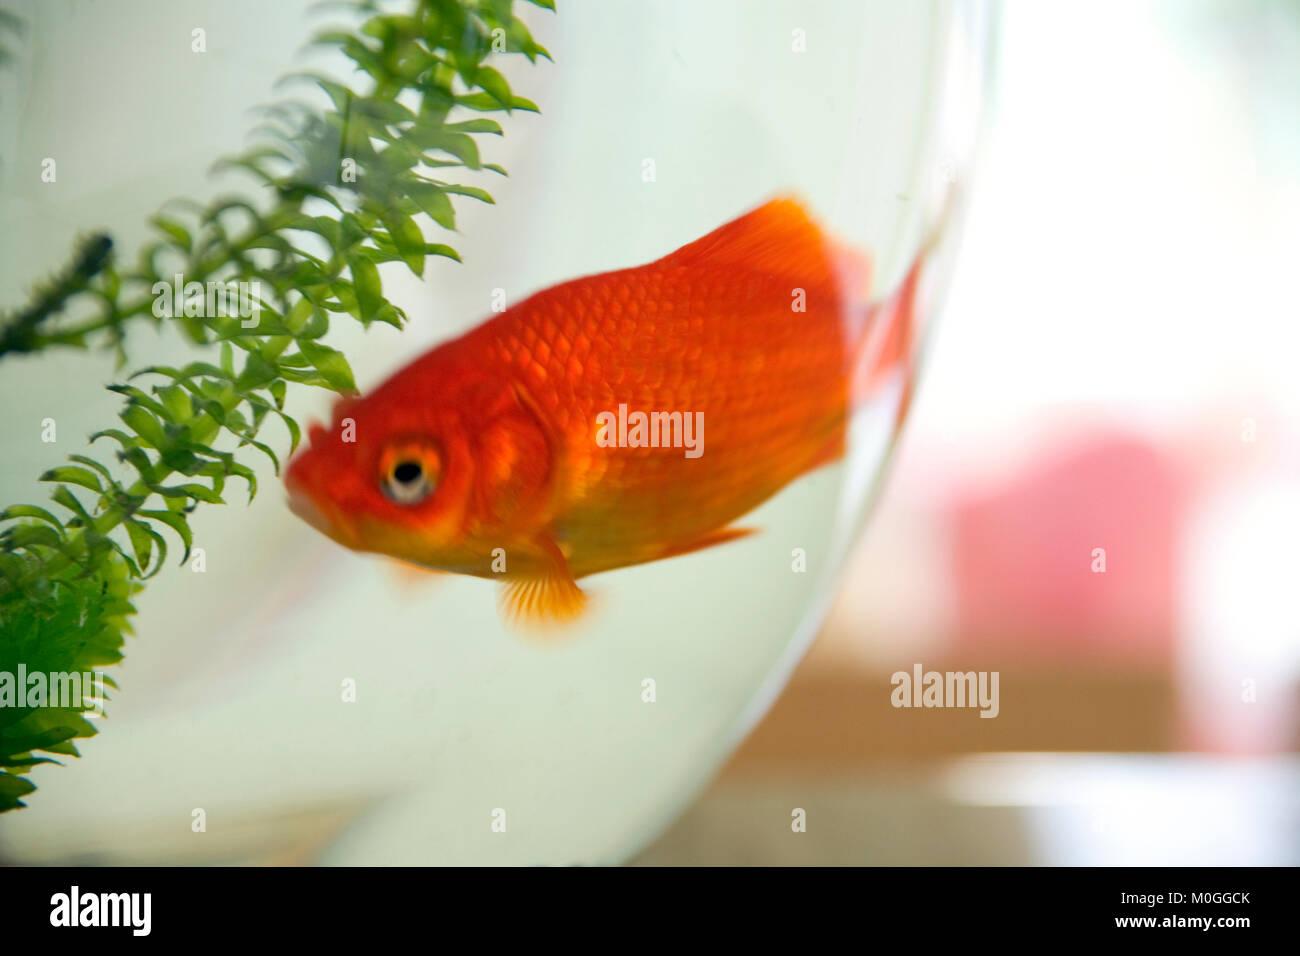 Goldfish Inside Fish Tank Stock Photos & Goldfish Inside Fish Tank ...